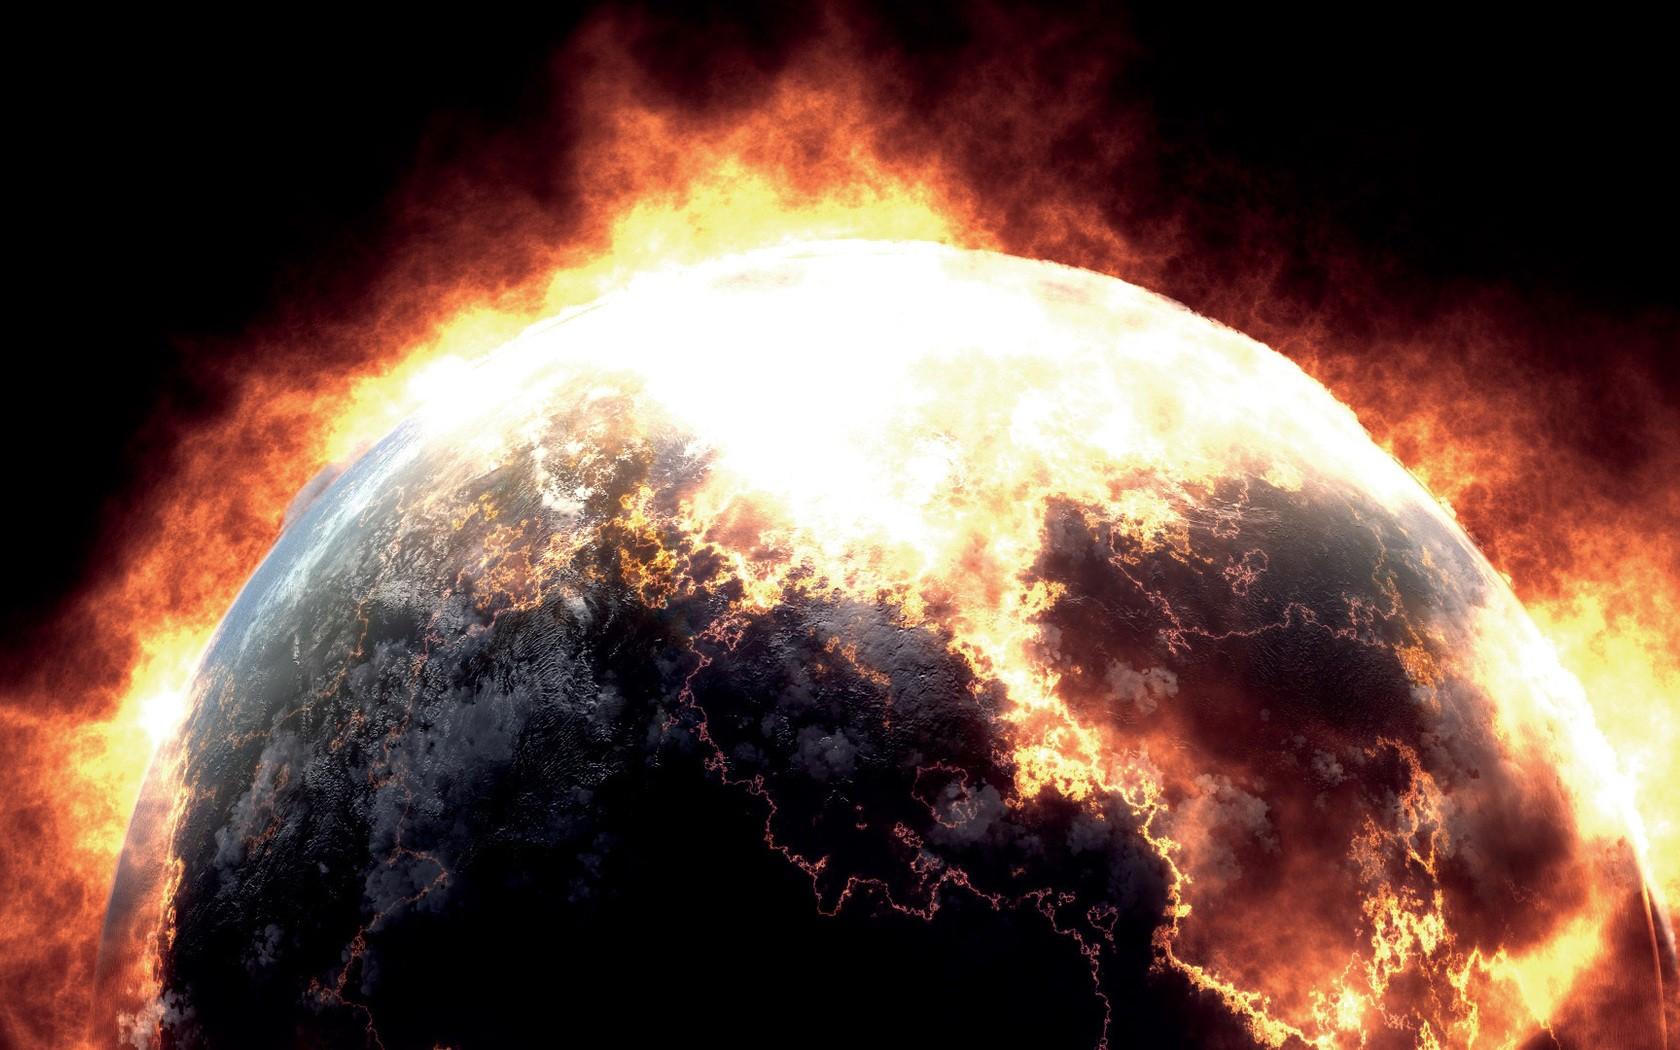 Fim do mundo: veja outras previsões que falharam e saiba que é impossível definir data